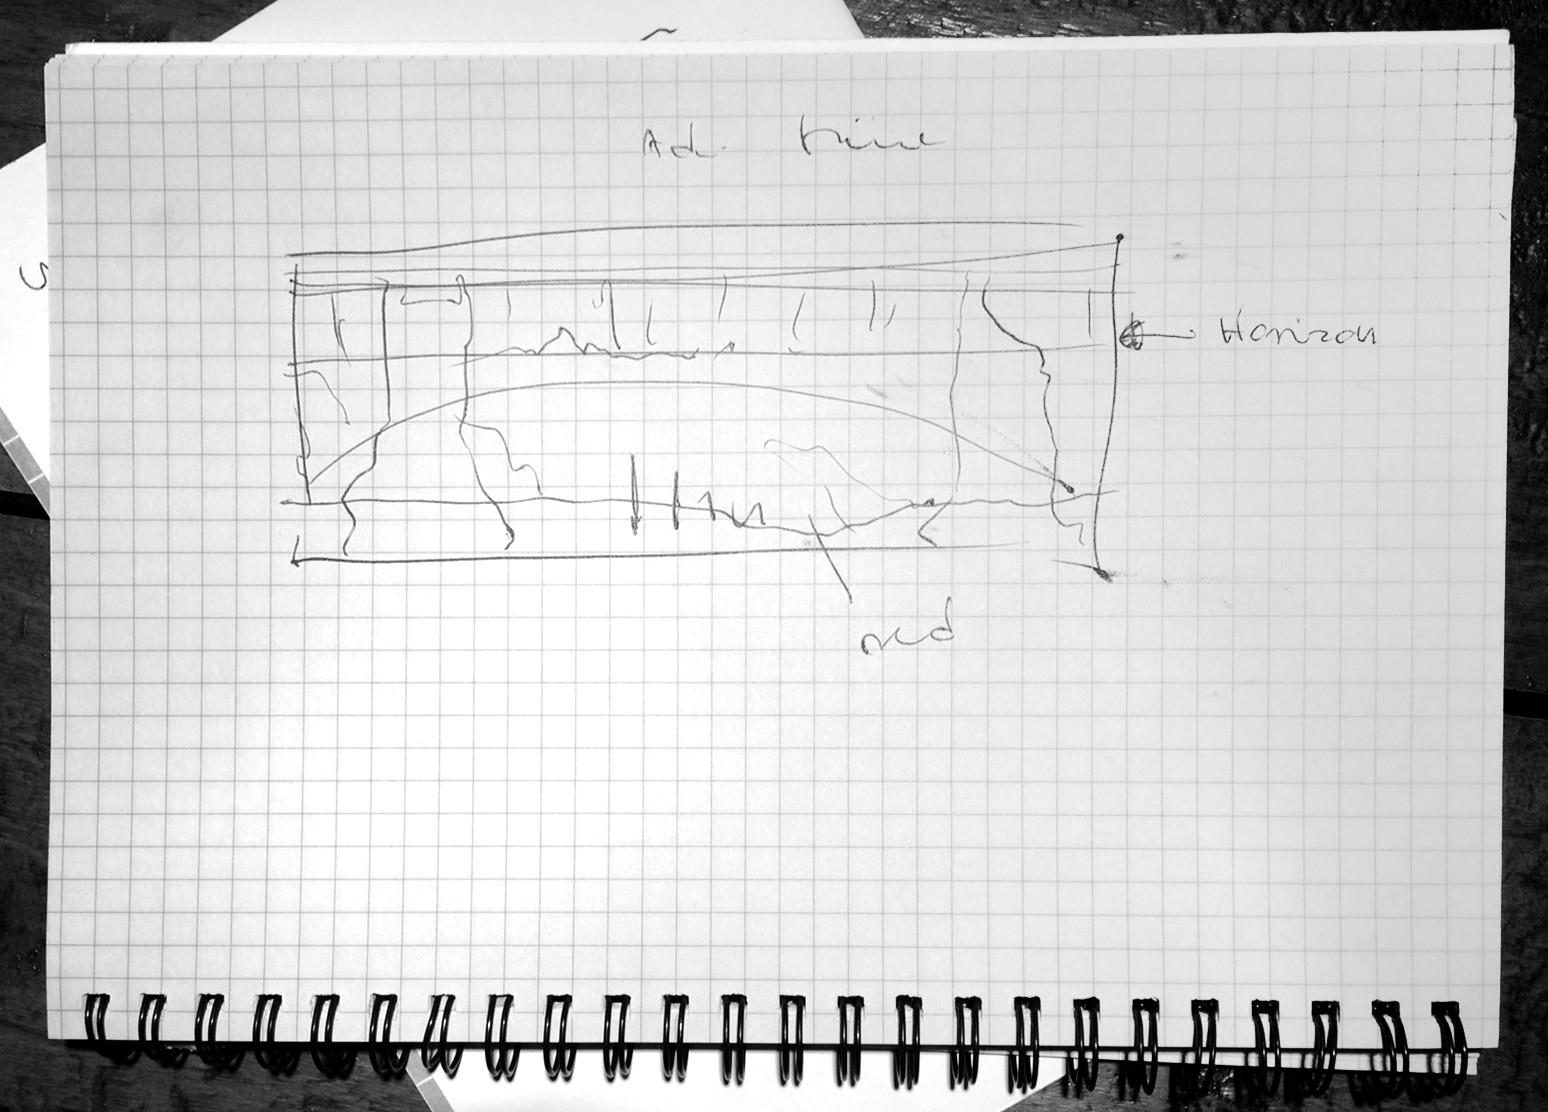 composition sketch